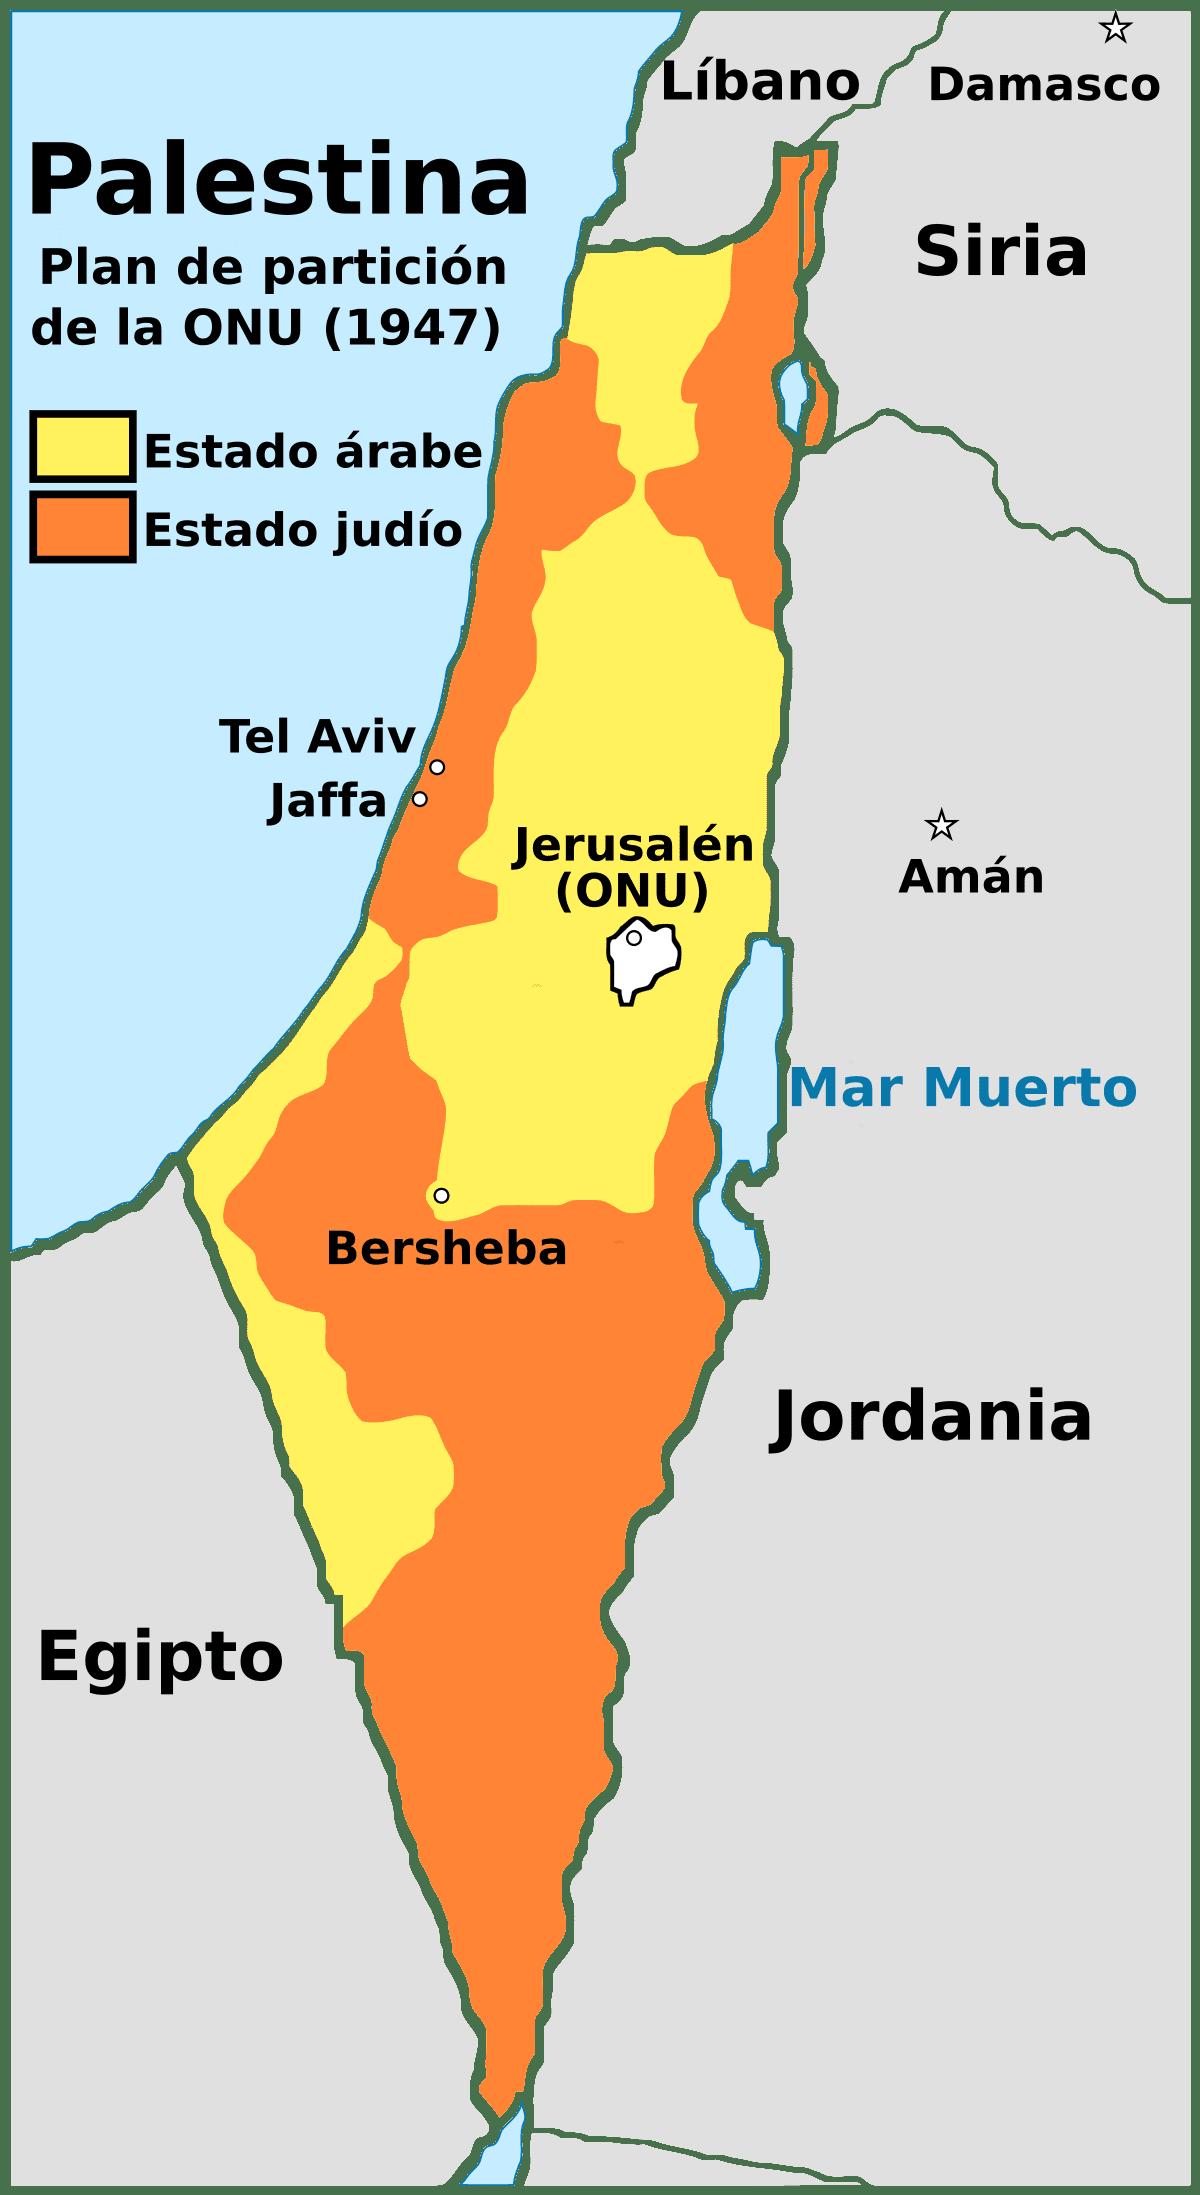 UN_Partition_Plan_For_Palestine_1947-es.svg